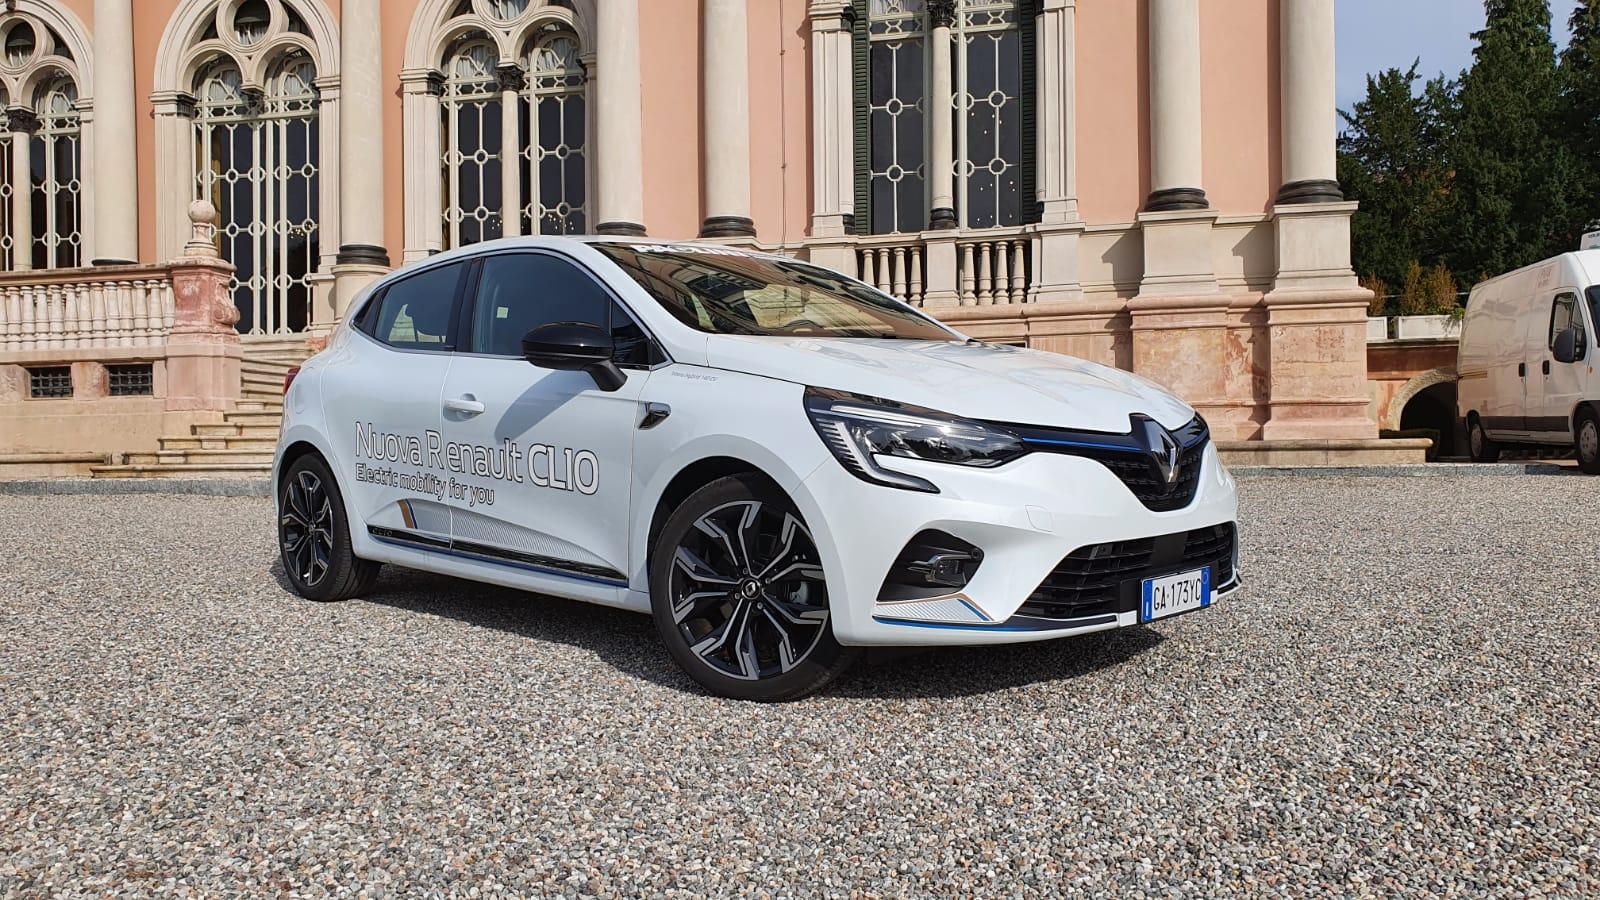 Renault Clio E Tech 1.6 Full Hybrid Paglini